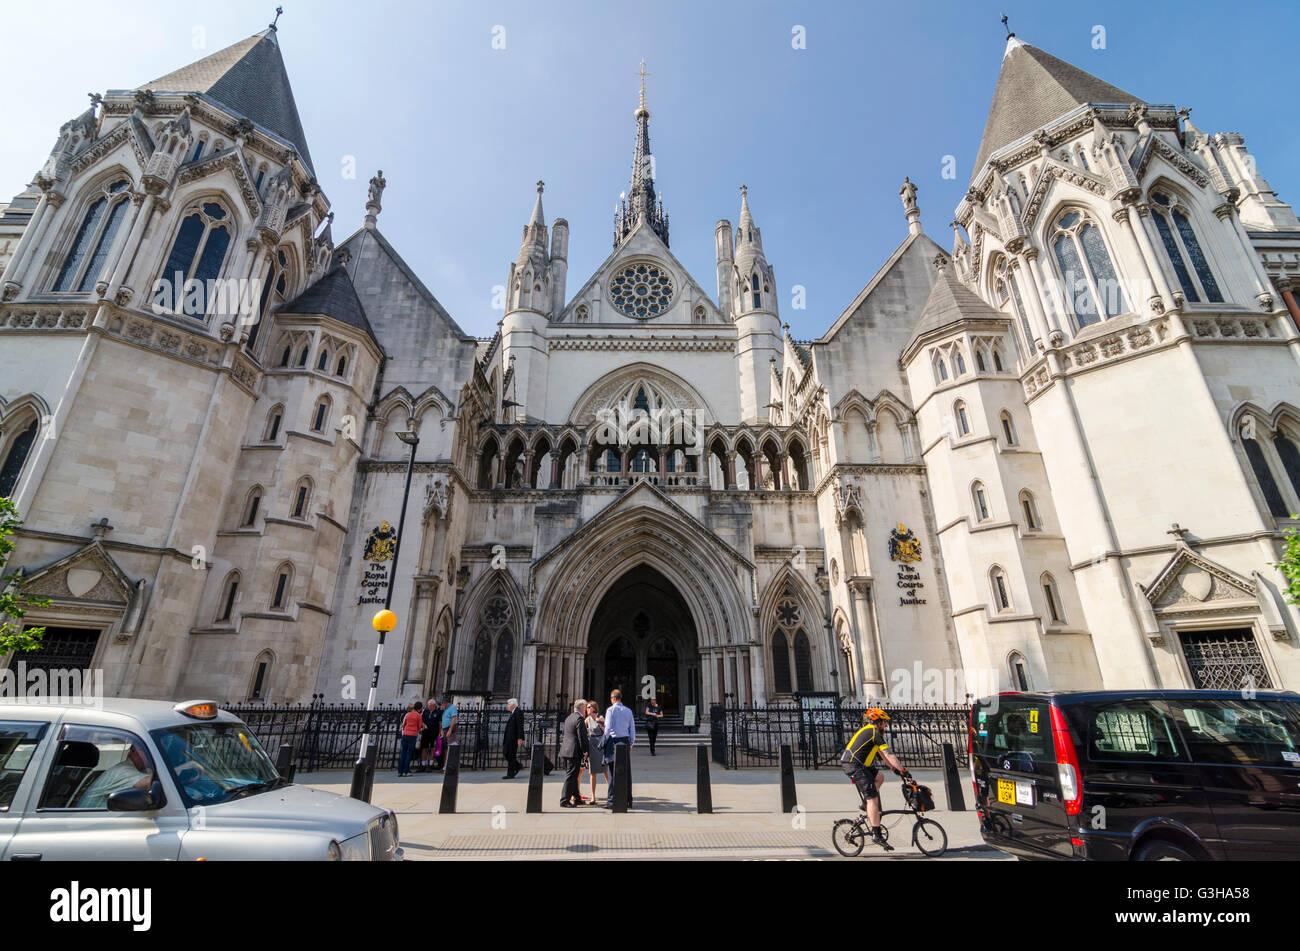 Königlichen Gerichten, London, UK Stockfoto